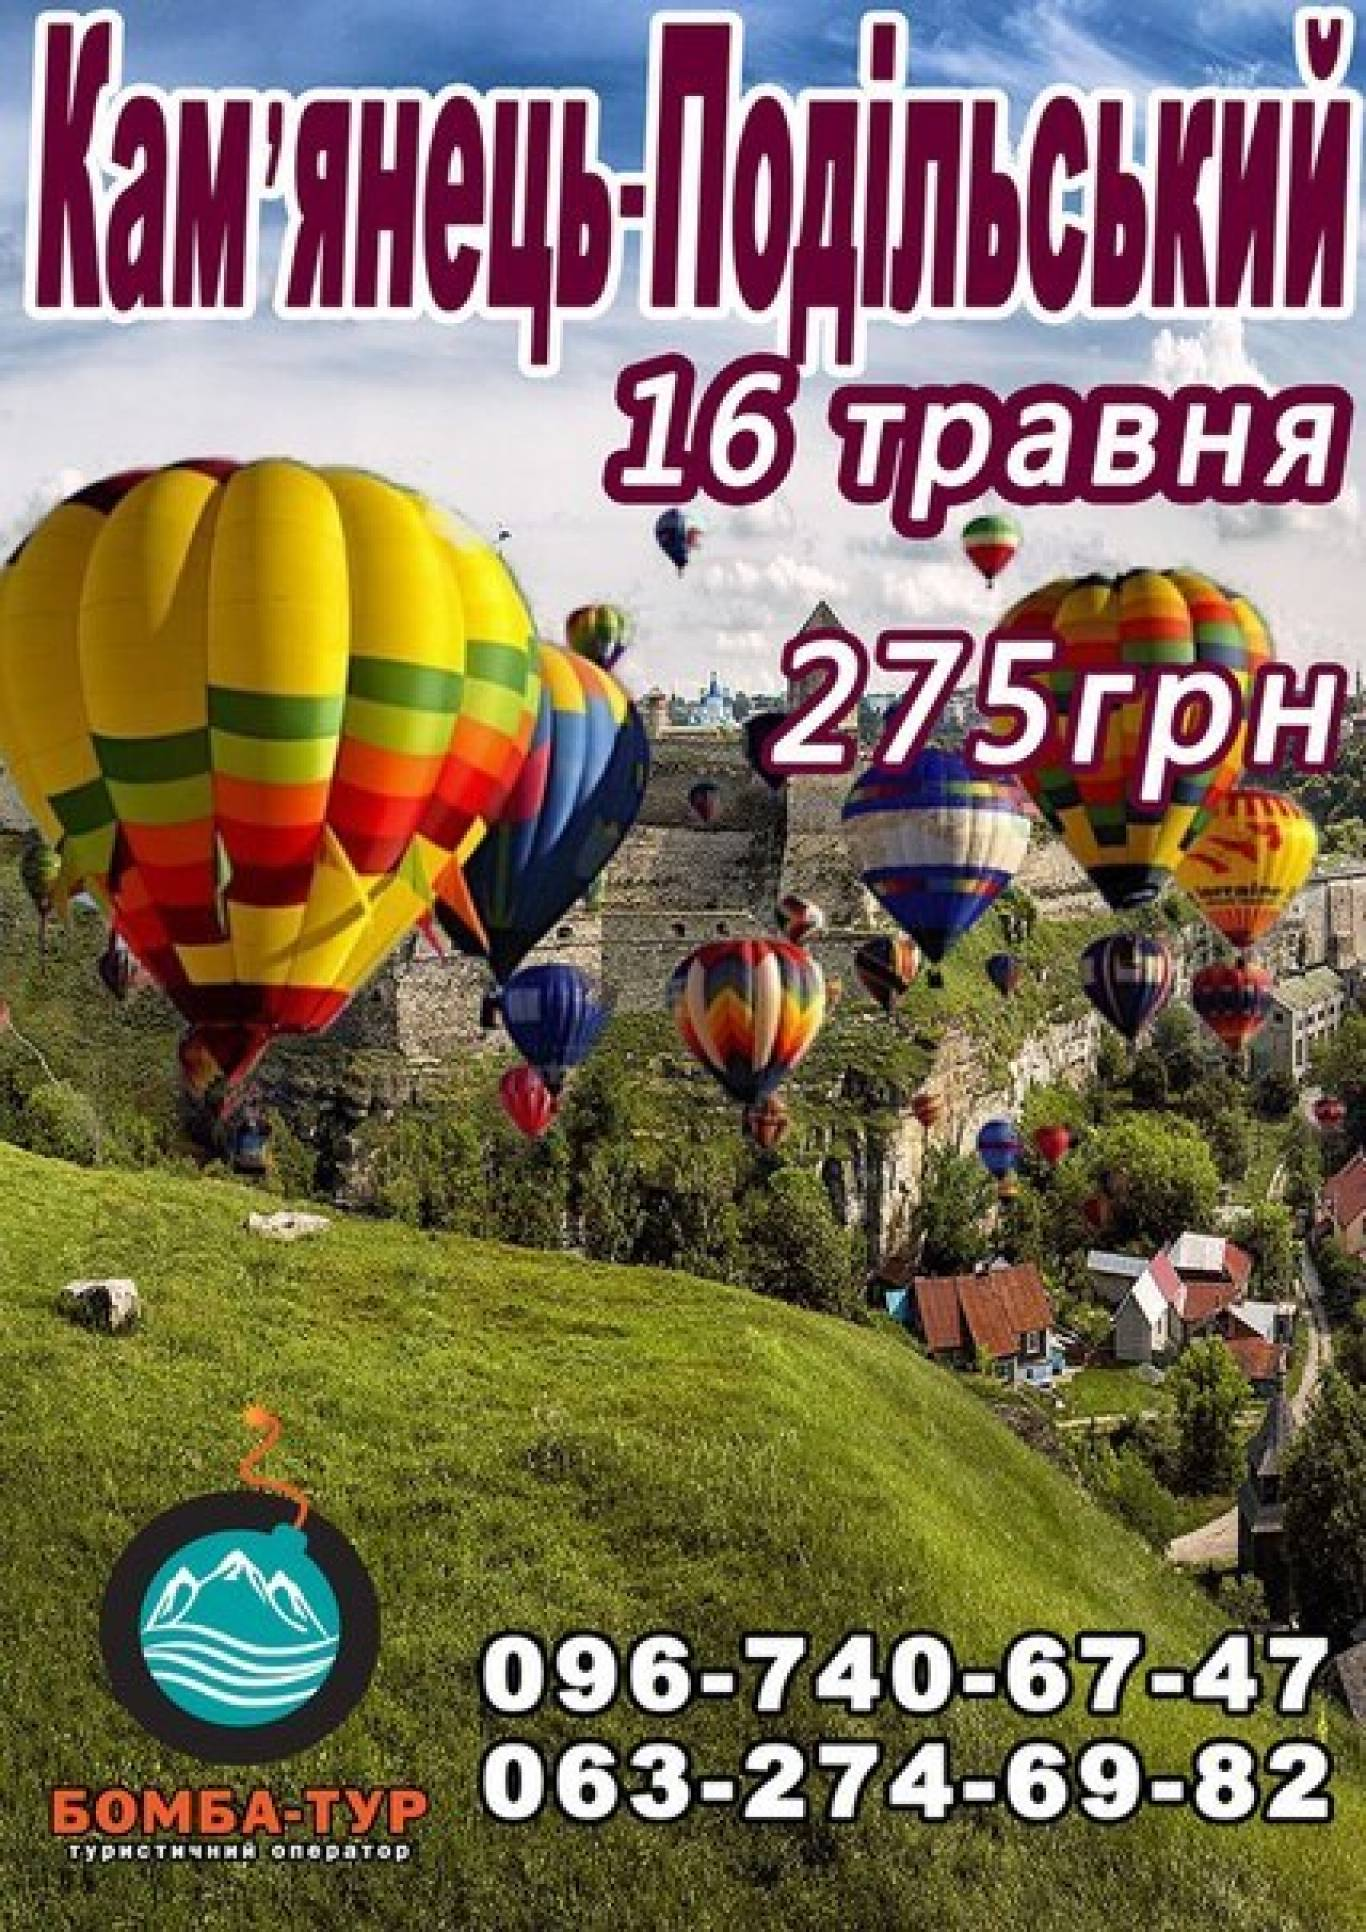 Фестиваль повітроплавання у Кам'янці-Подільському